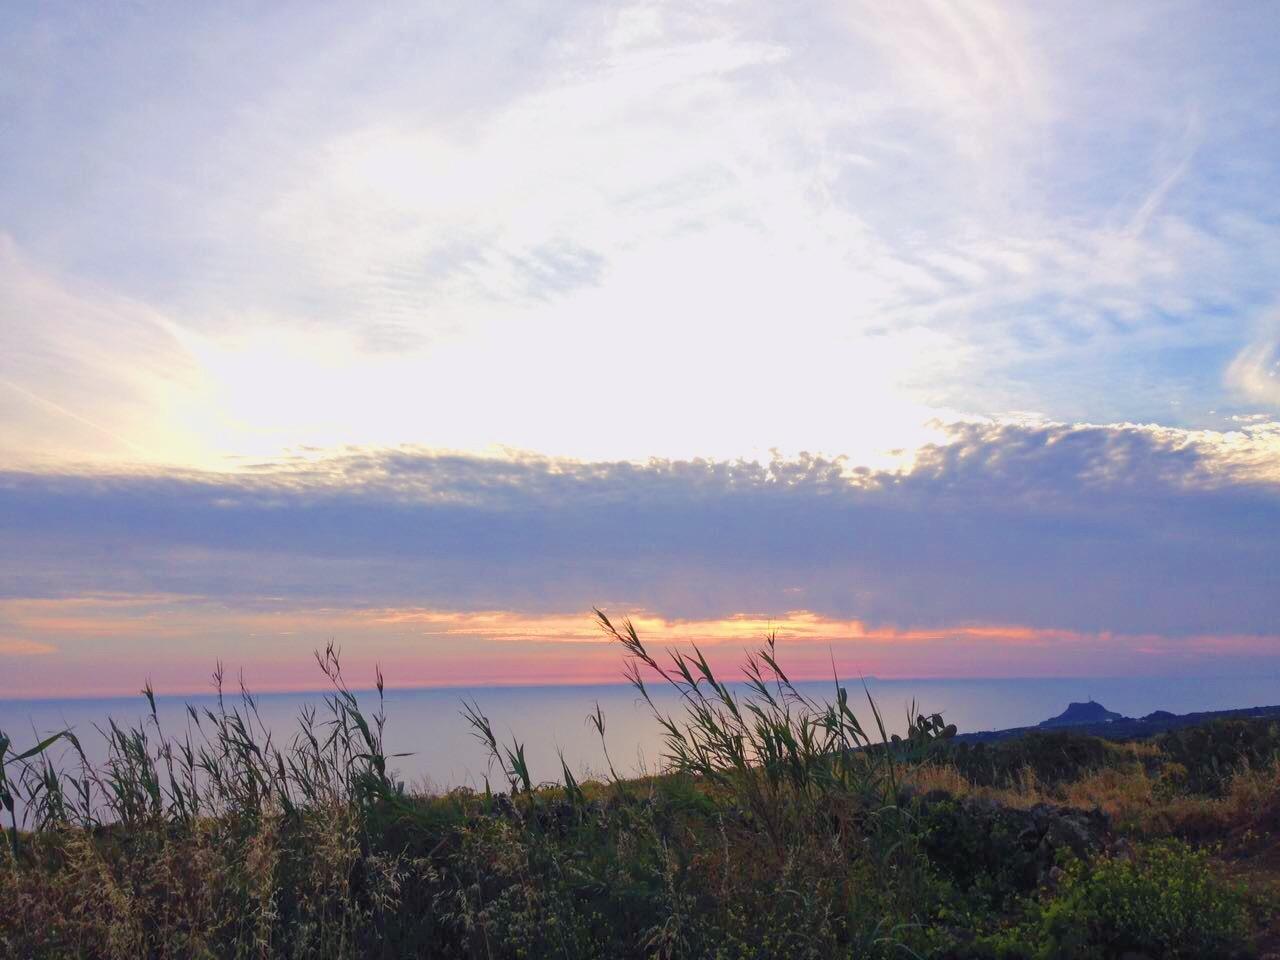 Scauri a sud-ovest e il profilo dell'Africa al tramonto - Cosa vedere (e cosa assaggiare) in una settimana a Pantelleria